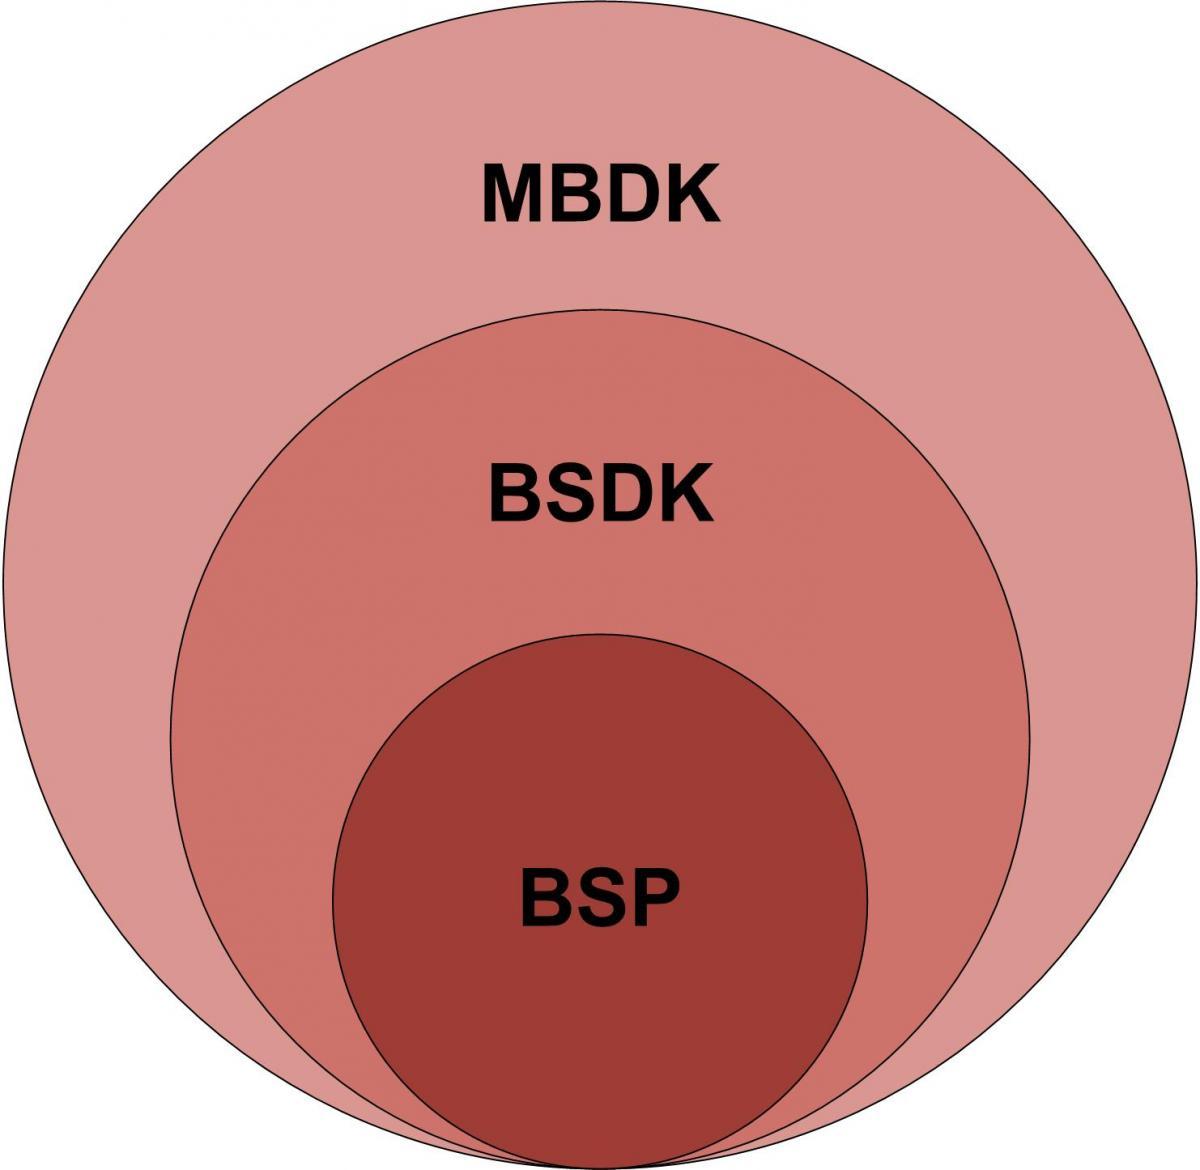 BSP-BSDK-MBDK